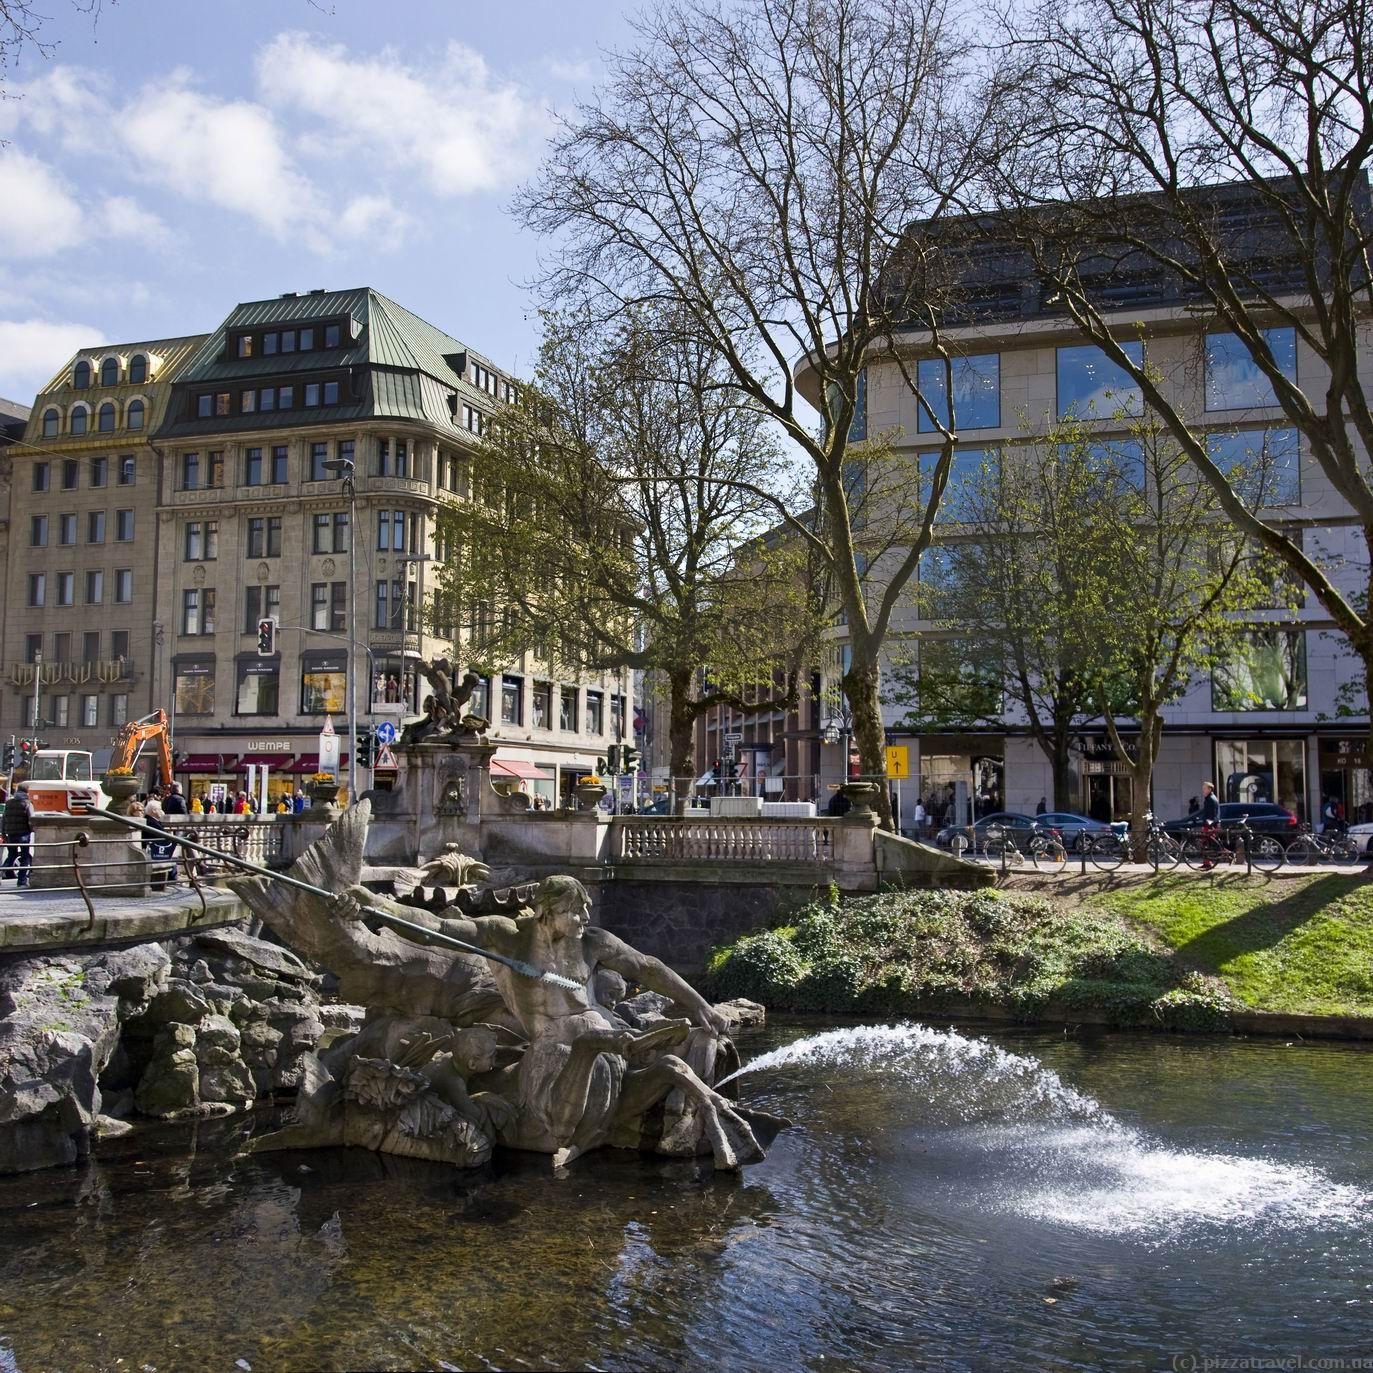 выбрать характер достопримечательности дюссельдорфа фото и описание место обозначено как